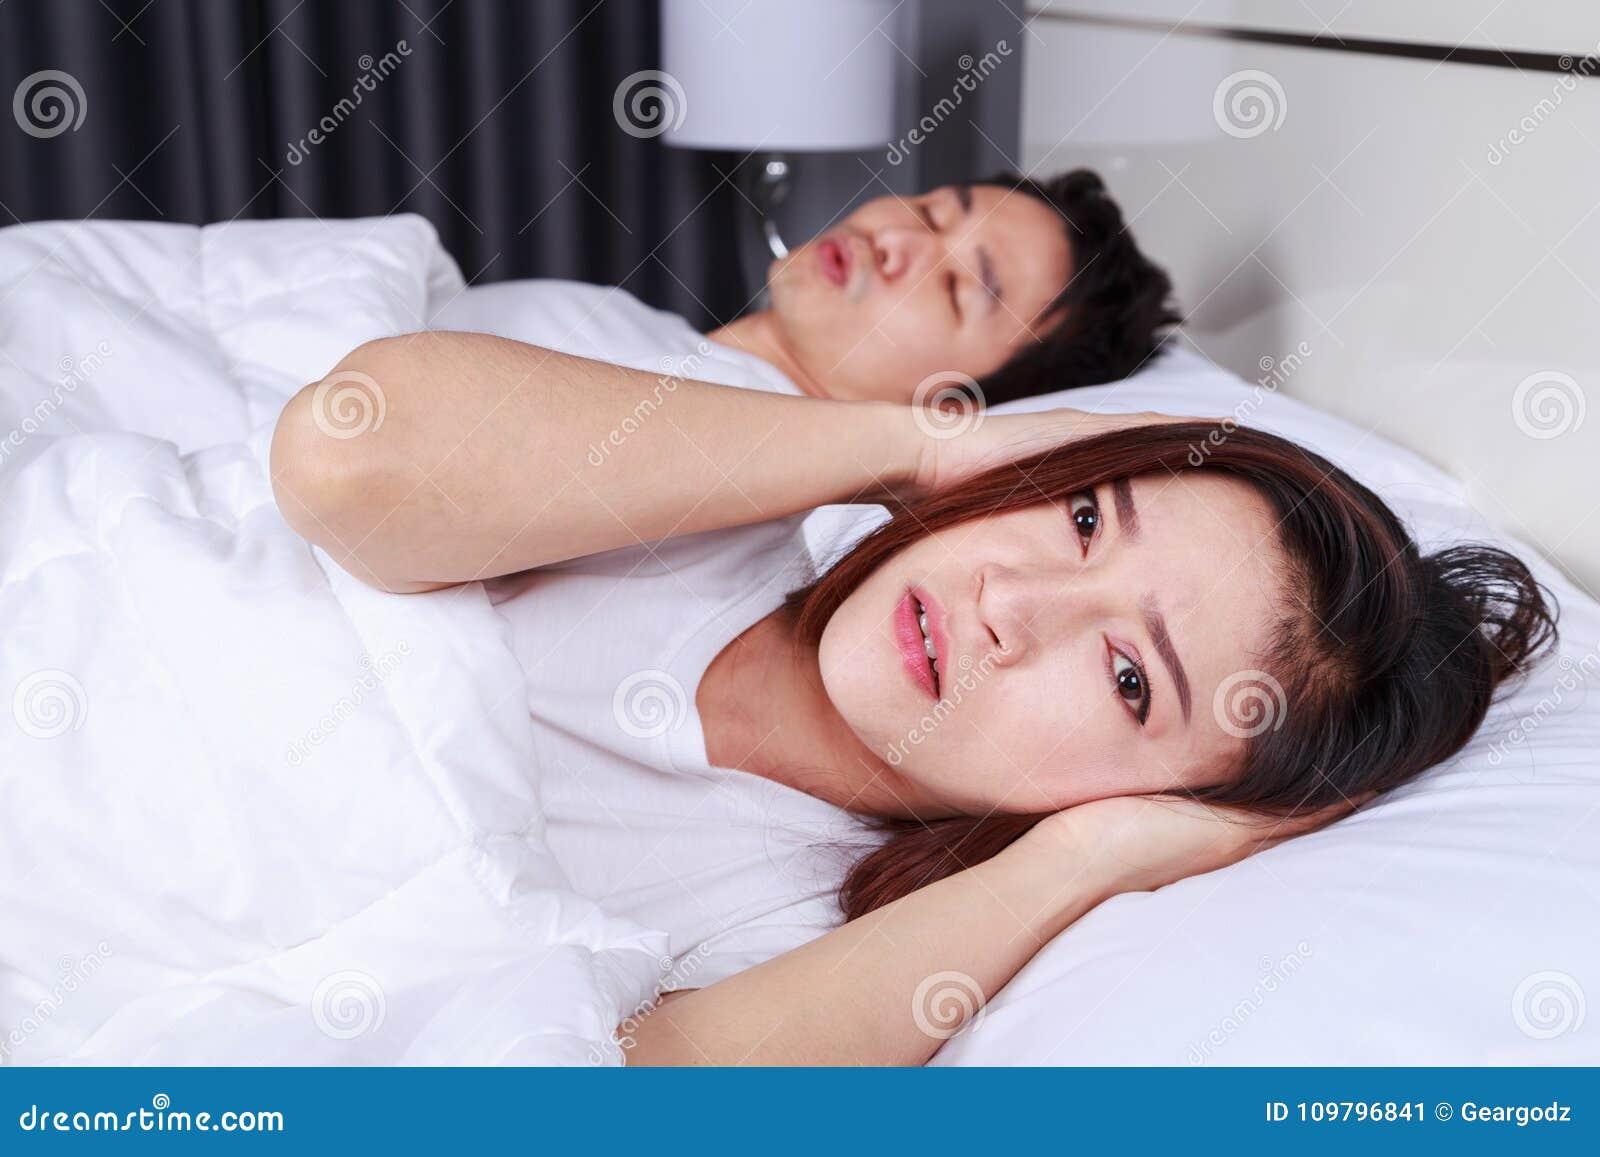 Moglie infastidita che blocca le sue orecchie da rumore del marito che russa dentro